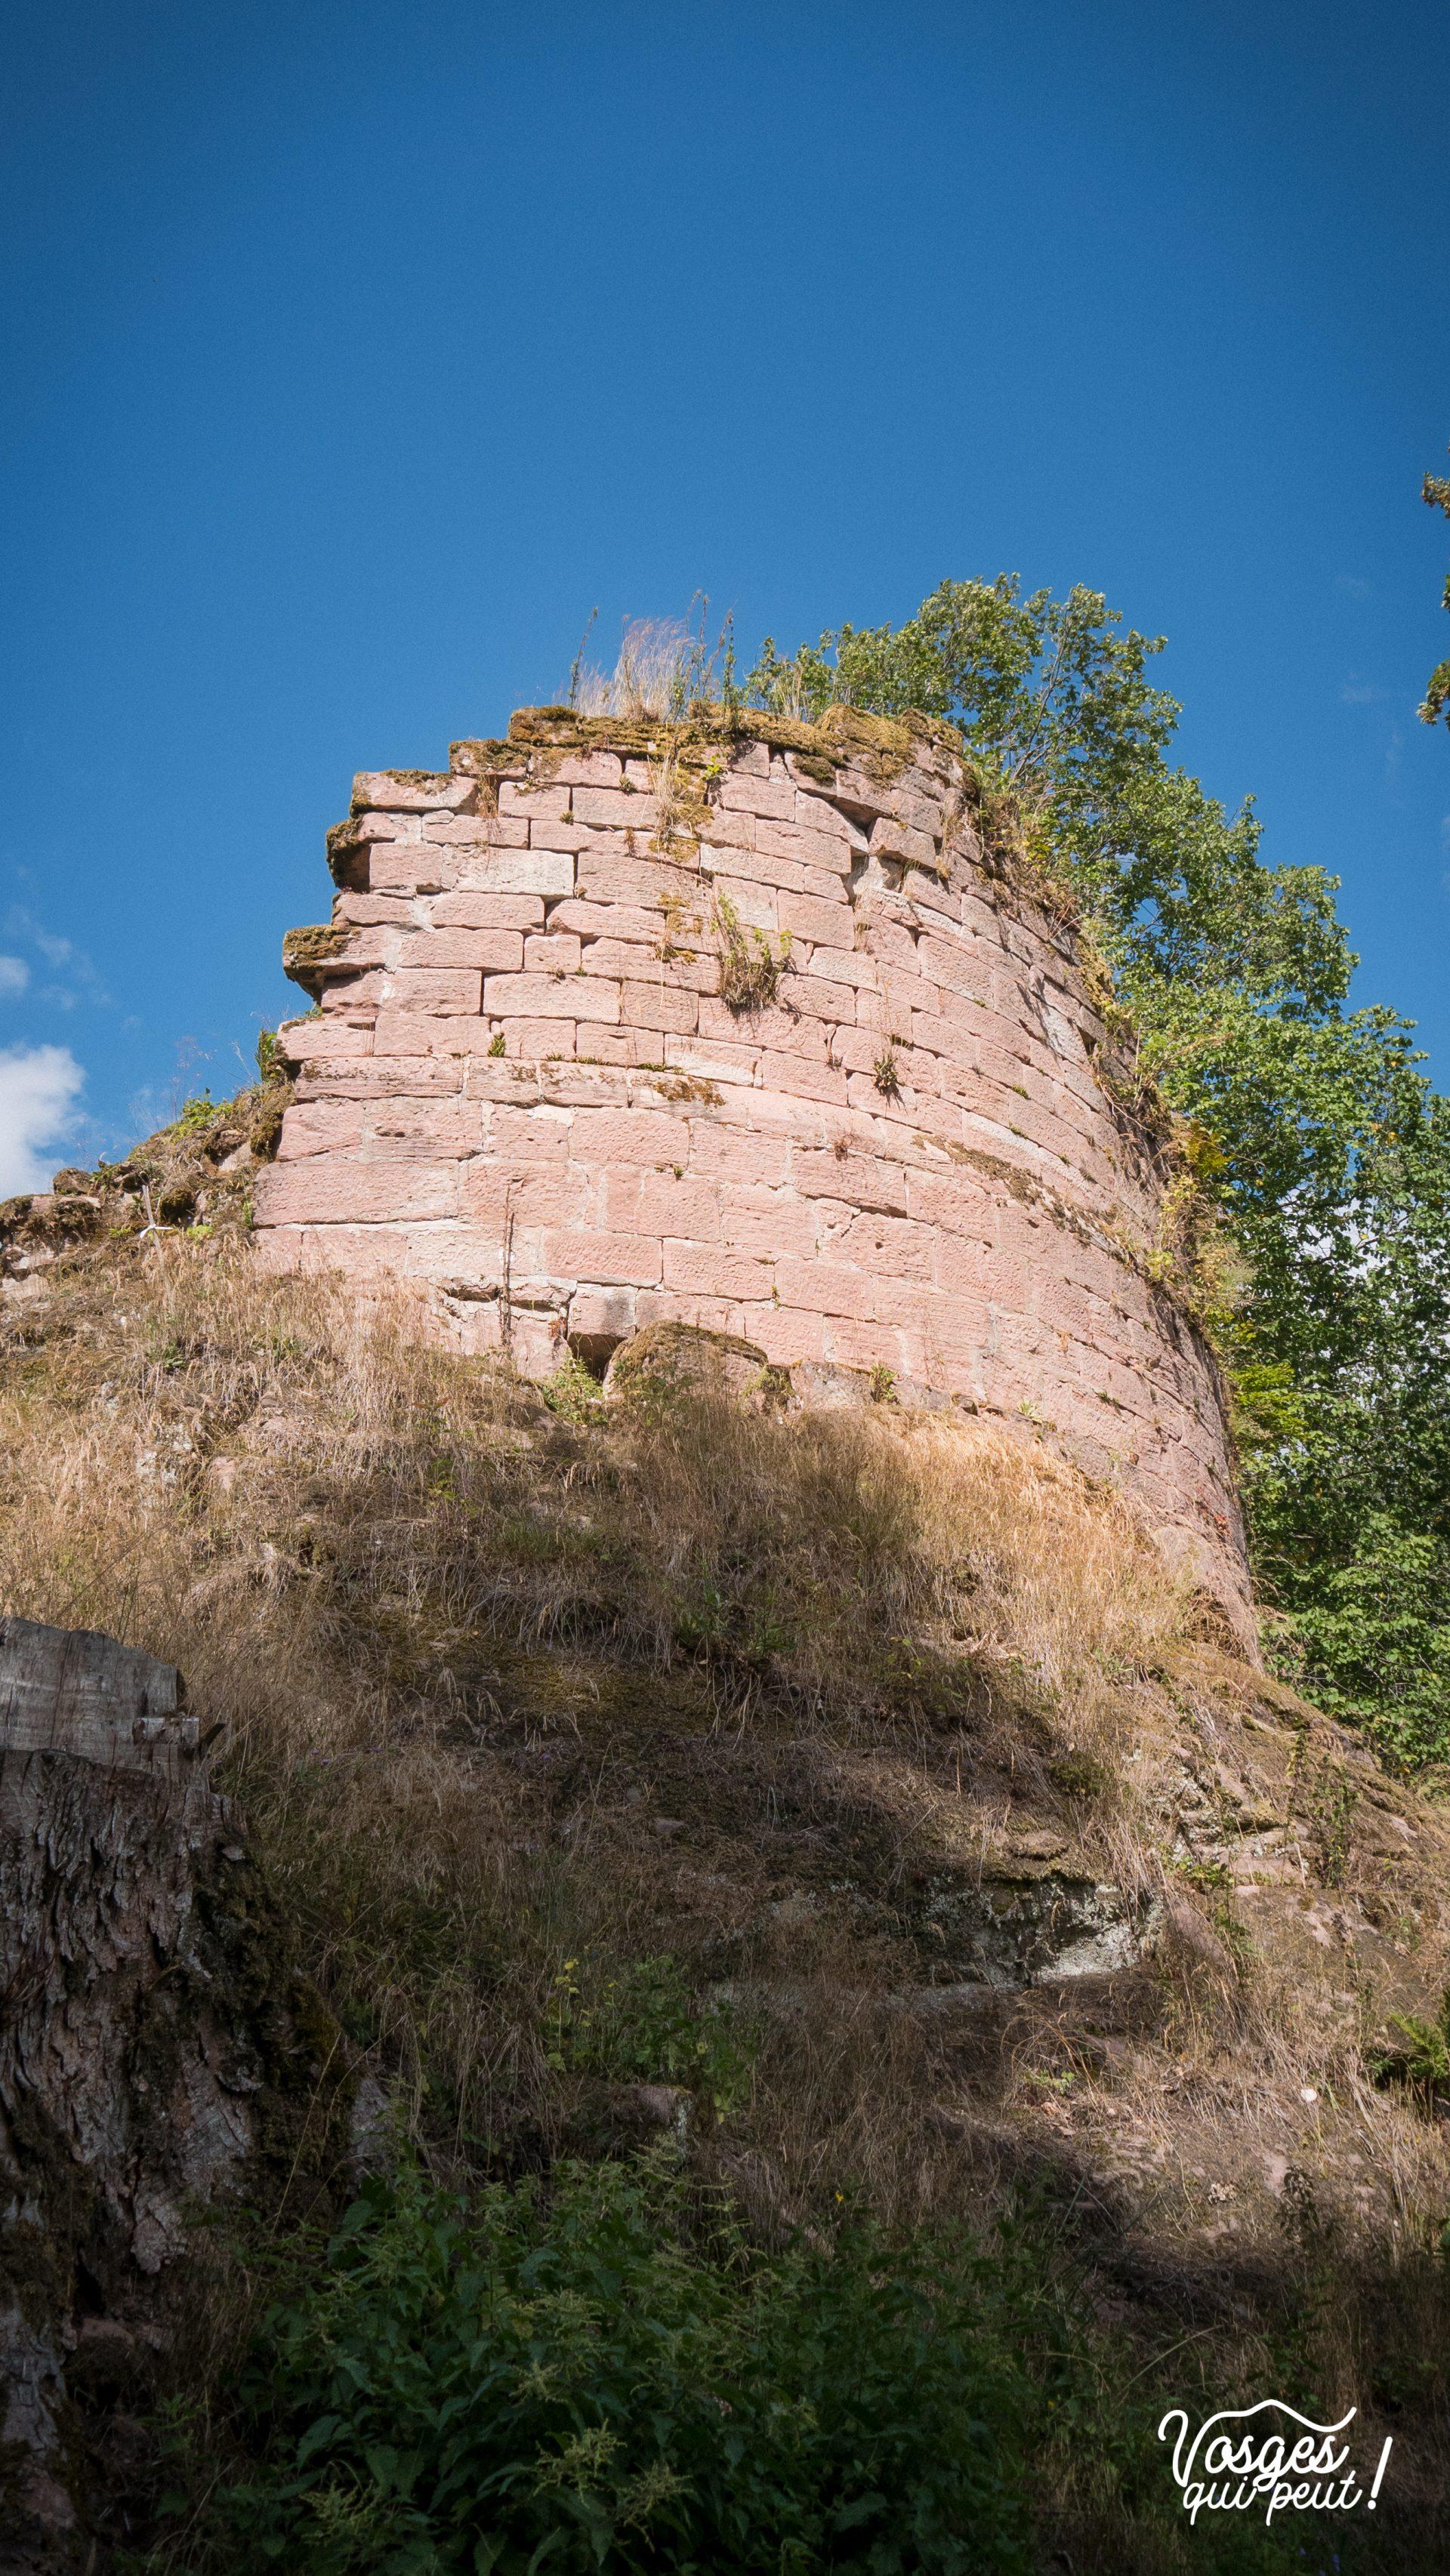 La tour ruinée du château de Salm dans la vallée de la Bruche